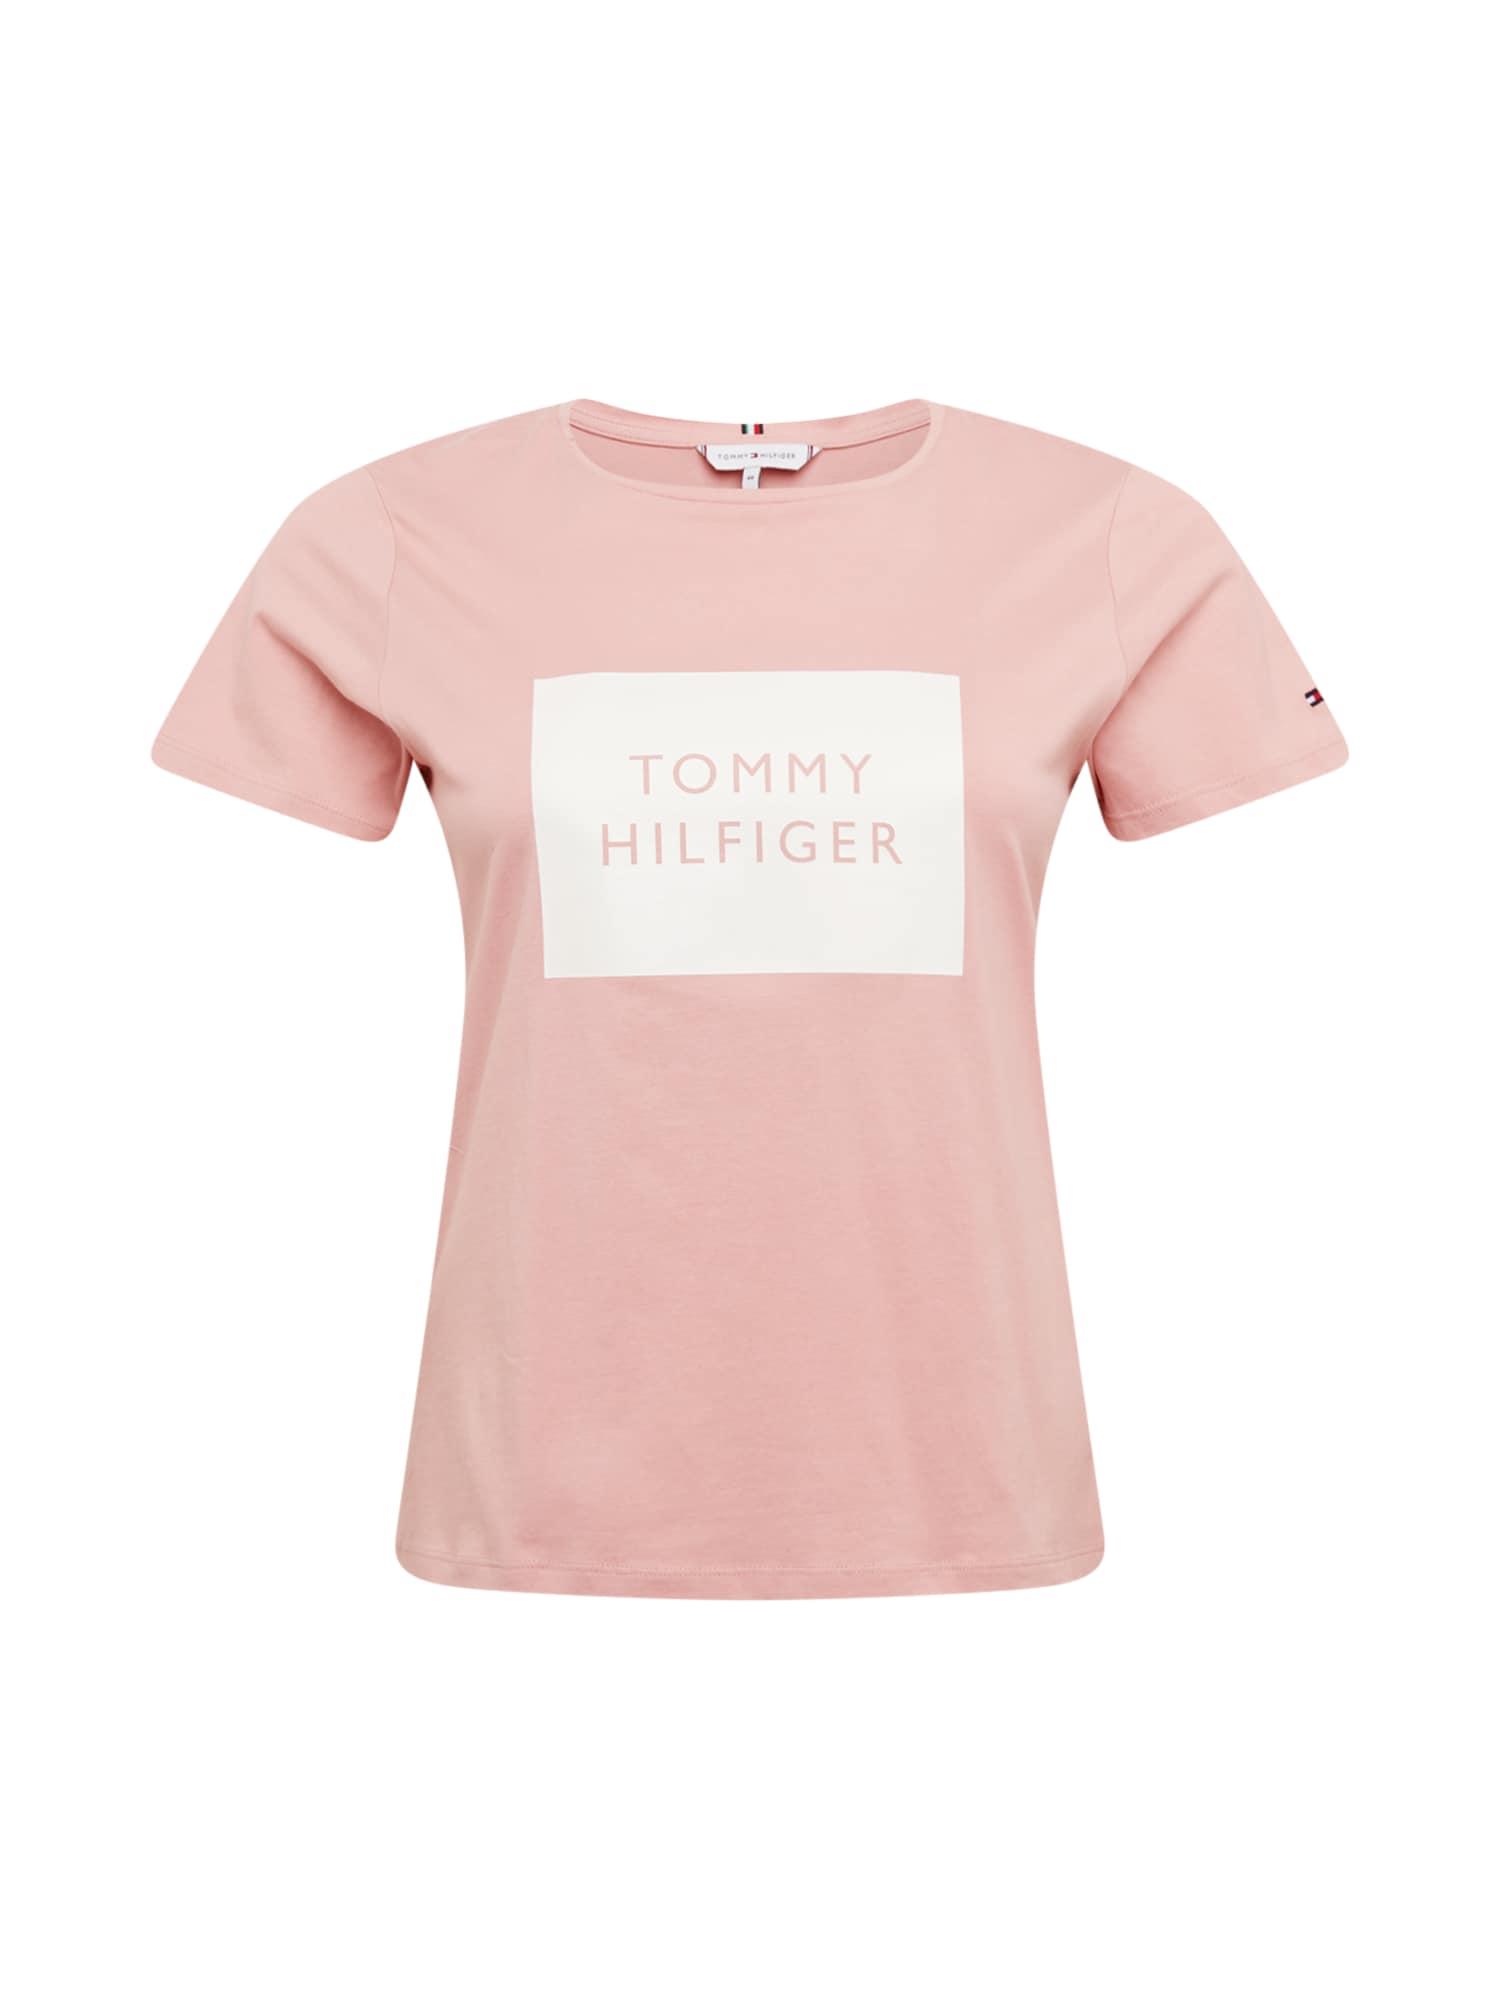 Tommy Hilfiger Curve Marškinėliai ryškiai rožinė spalva / balta